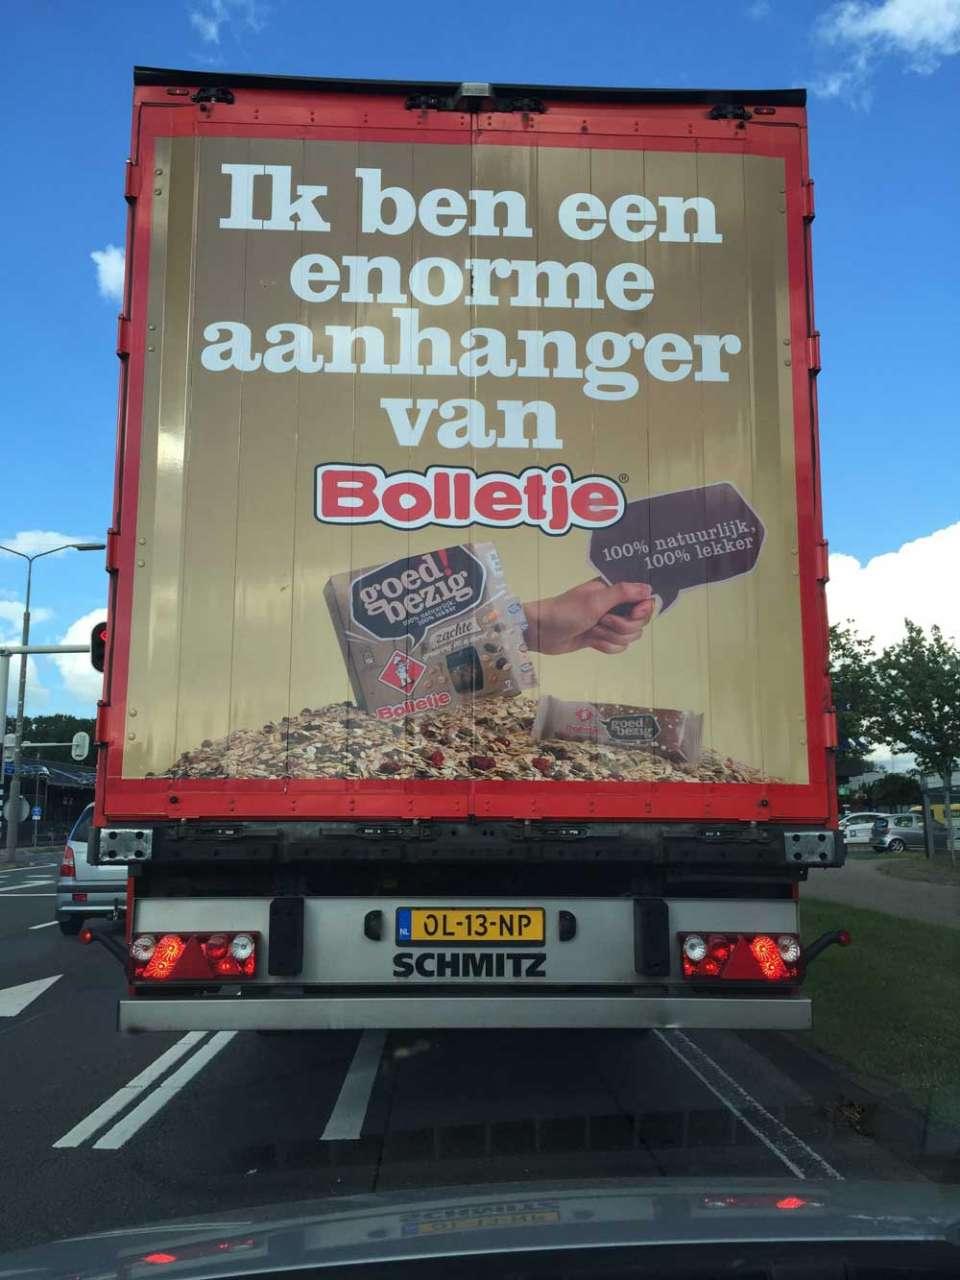 Bij Schipper zijn wij ook een enorme aanhanger van Bolletje!